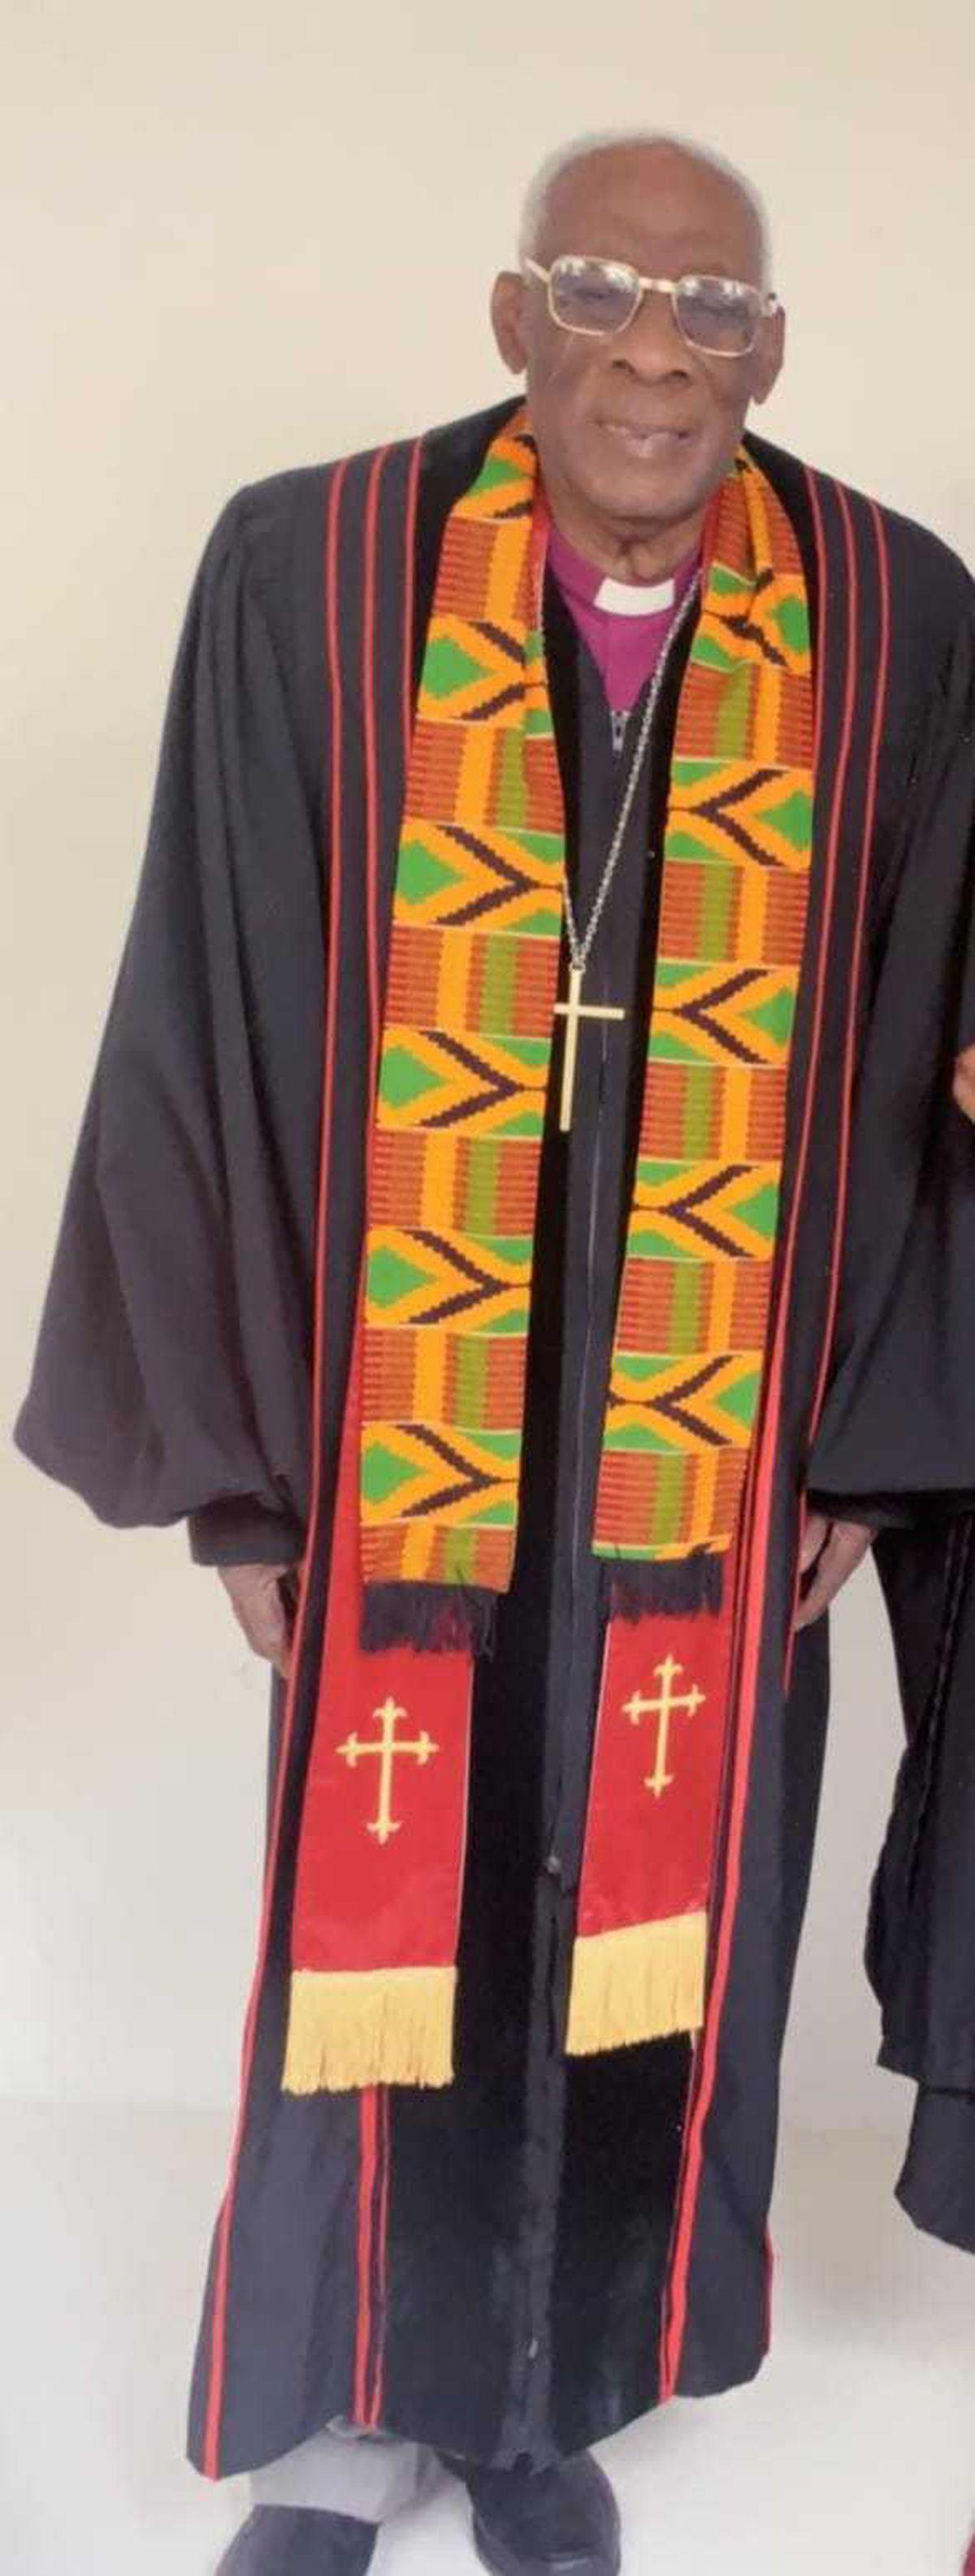 Bishop Homer Plummer